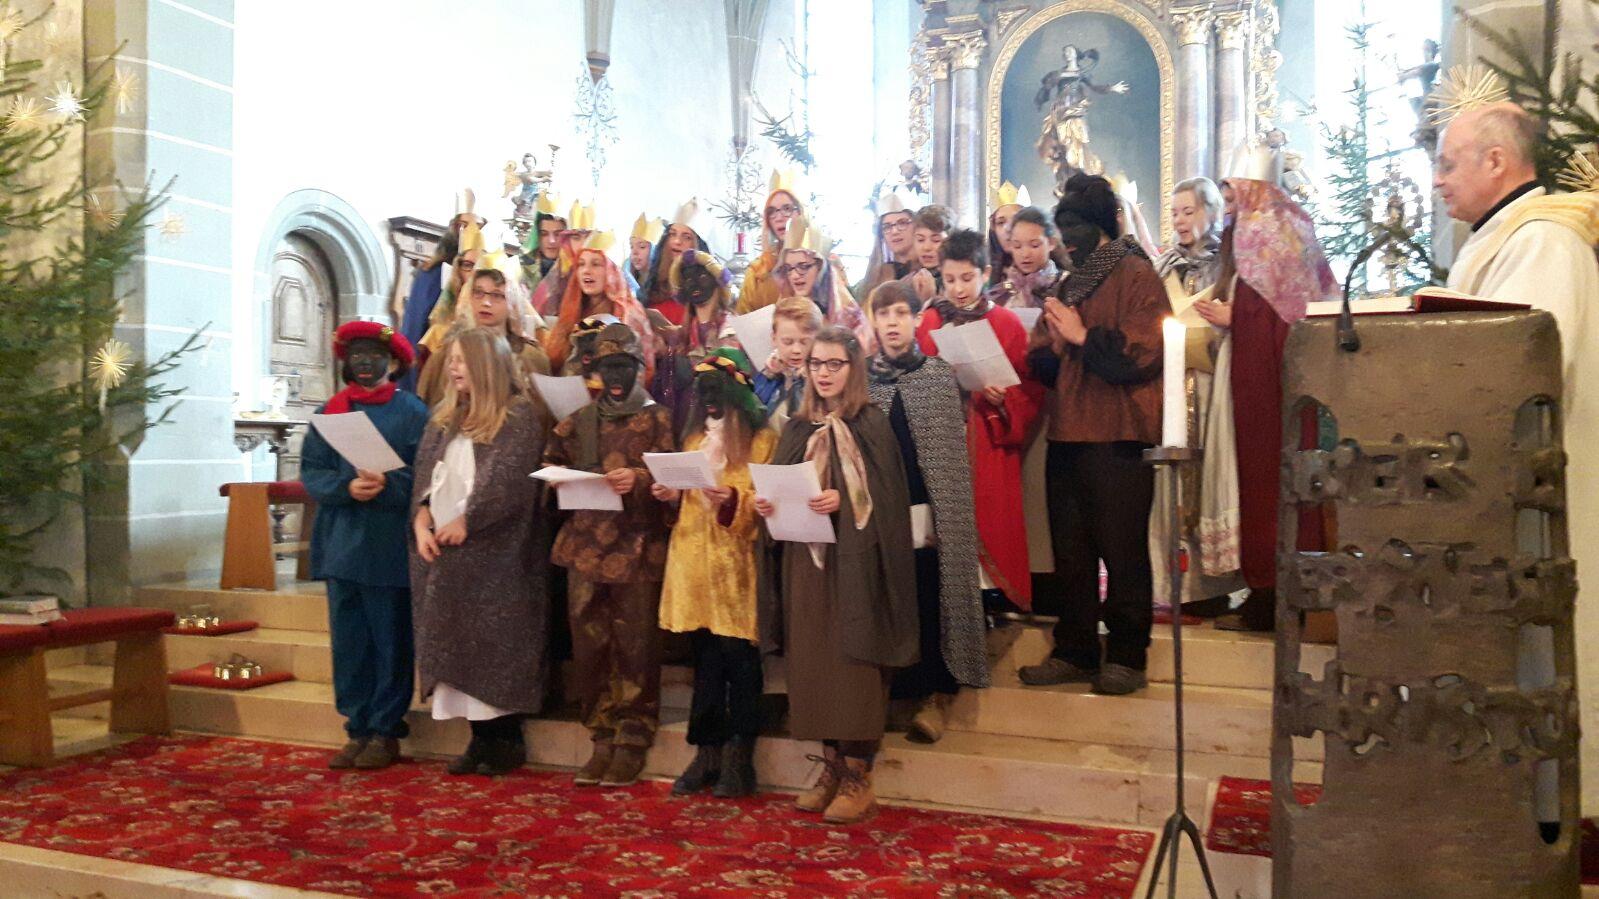 Weihnachtszeit 2015-2016 : Katholische Kirche Wangen im Allgäu